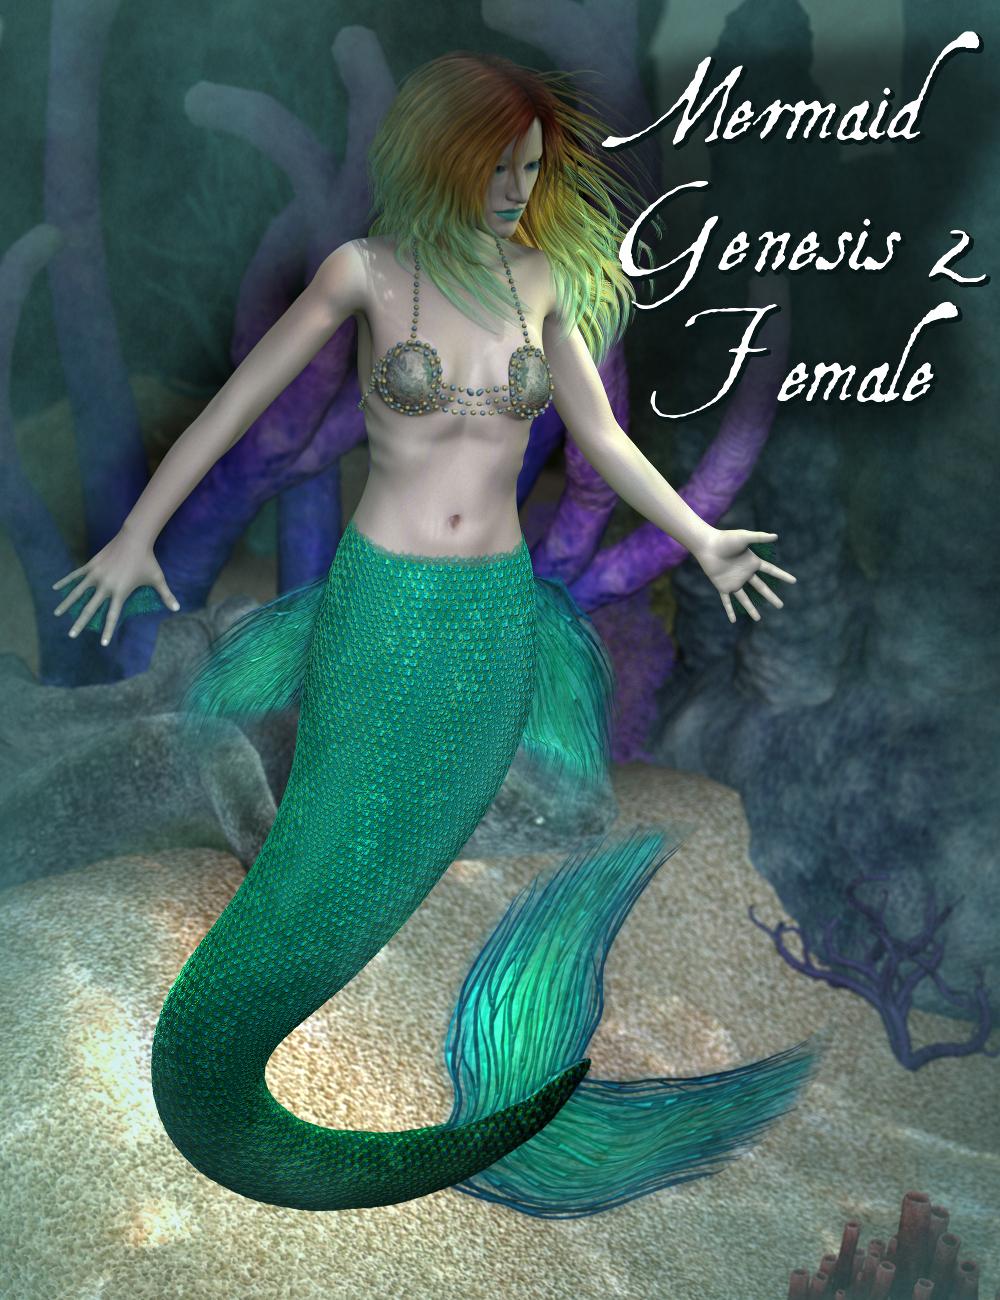 Mermaid Genesis 2 Female(s) by: SickleyieldFuseling, 3D Models by Daz 3D